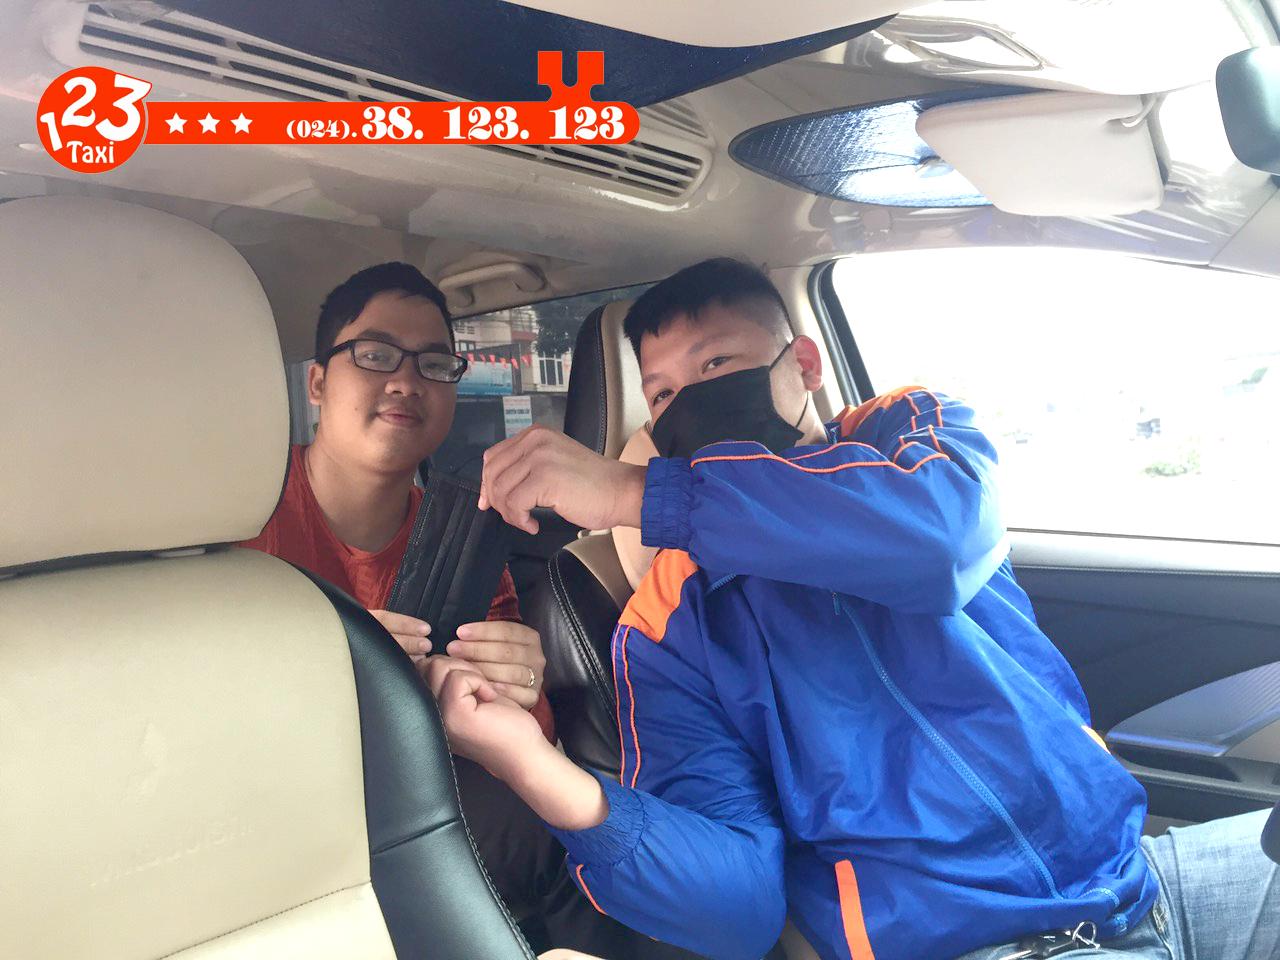 Lái xe taxi 123 tặng khẩu trang cho khách hàng giữa dịch virus Corona